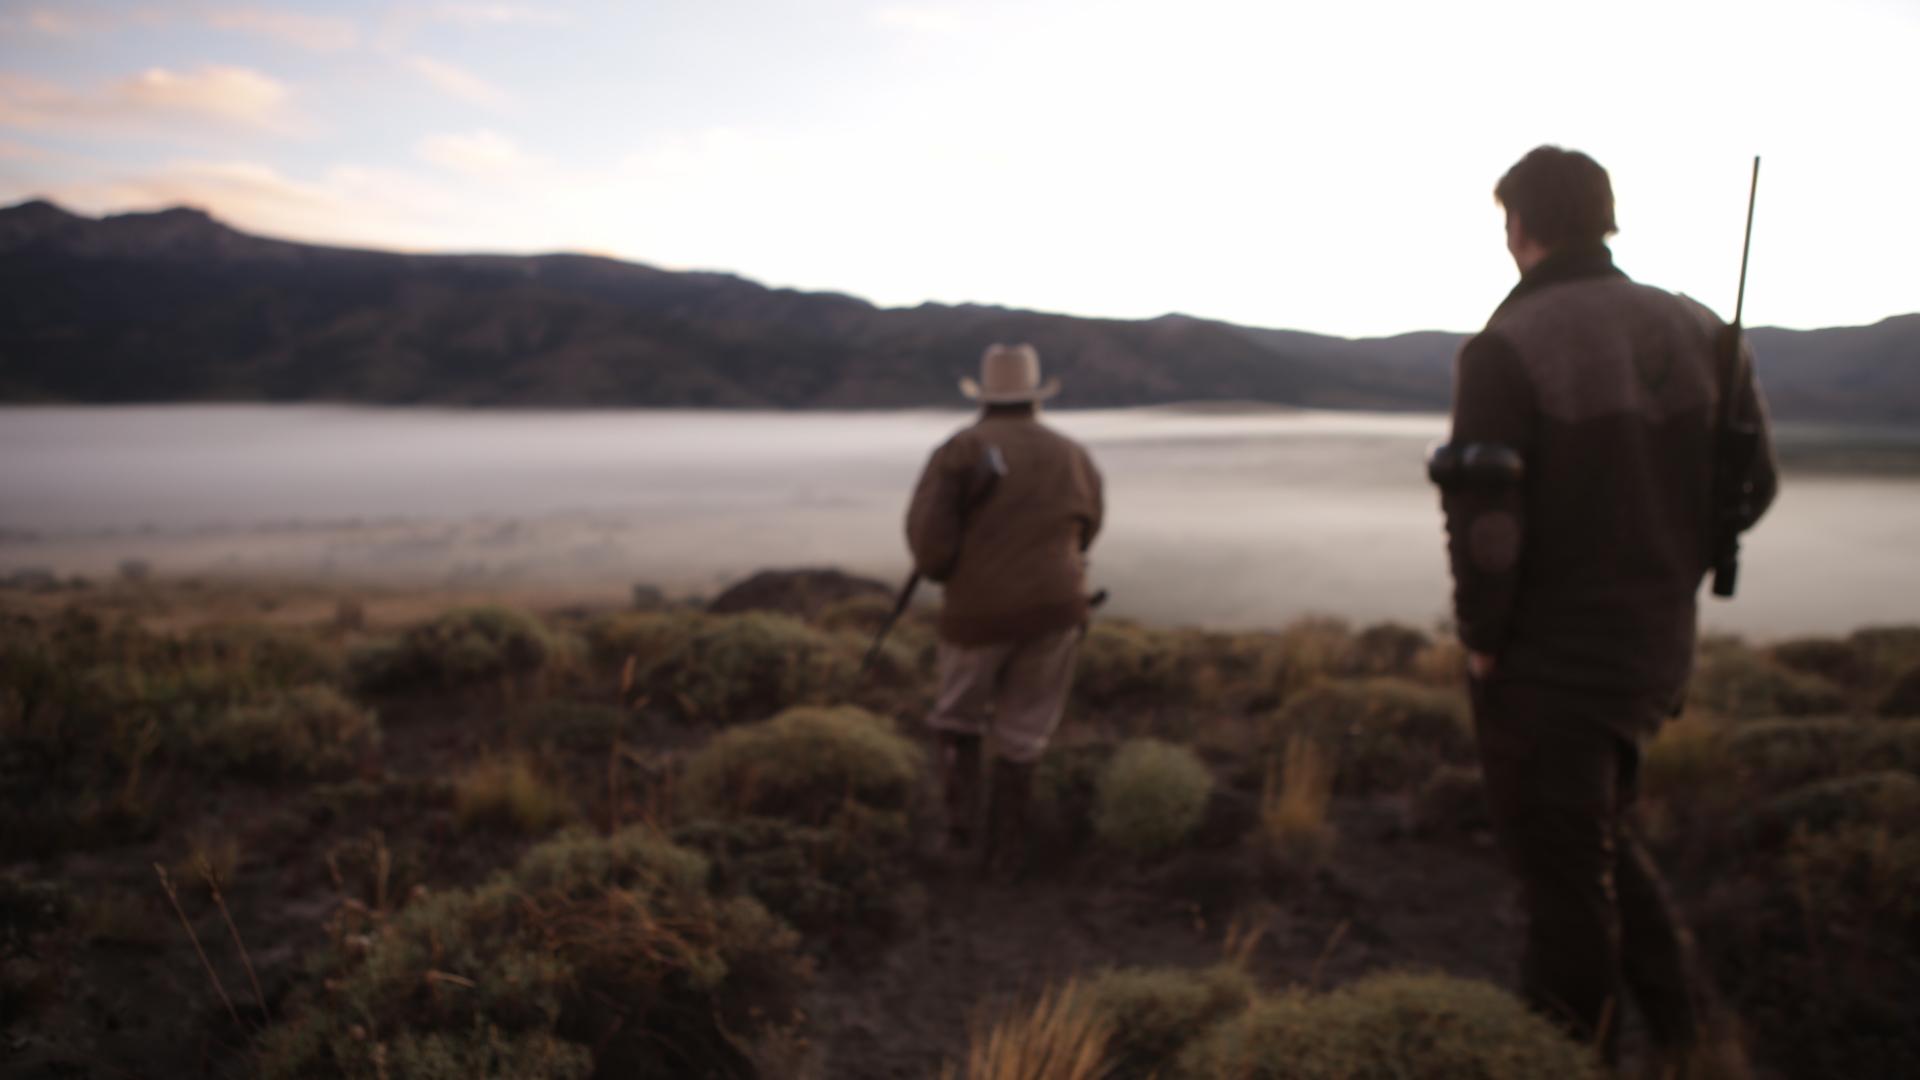 jaeger jaegermagazin argentinien hirsch rothirsch brunft auslandsjagd jagdreise